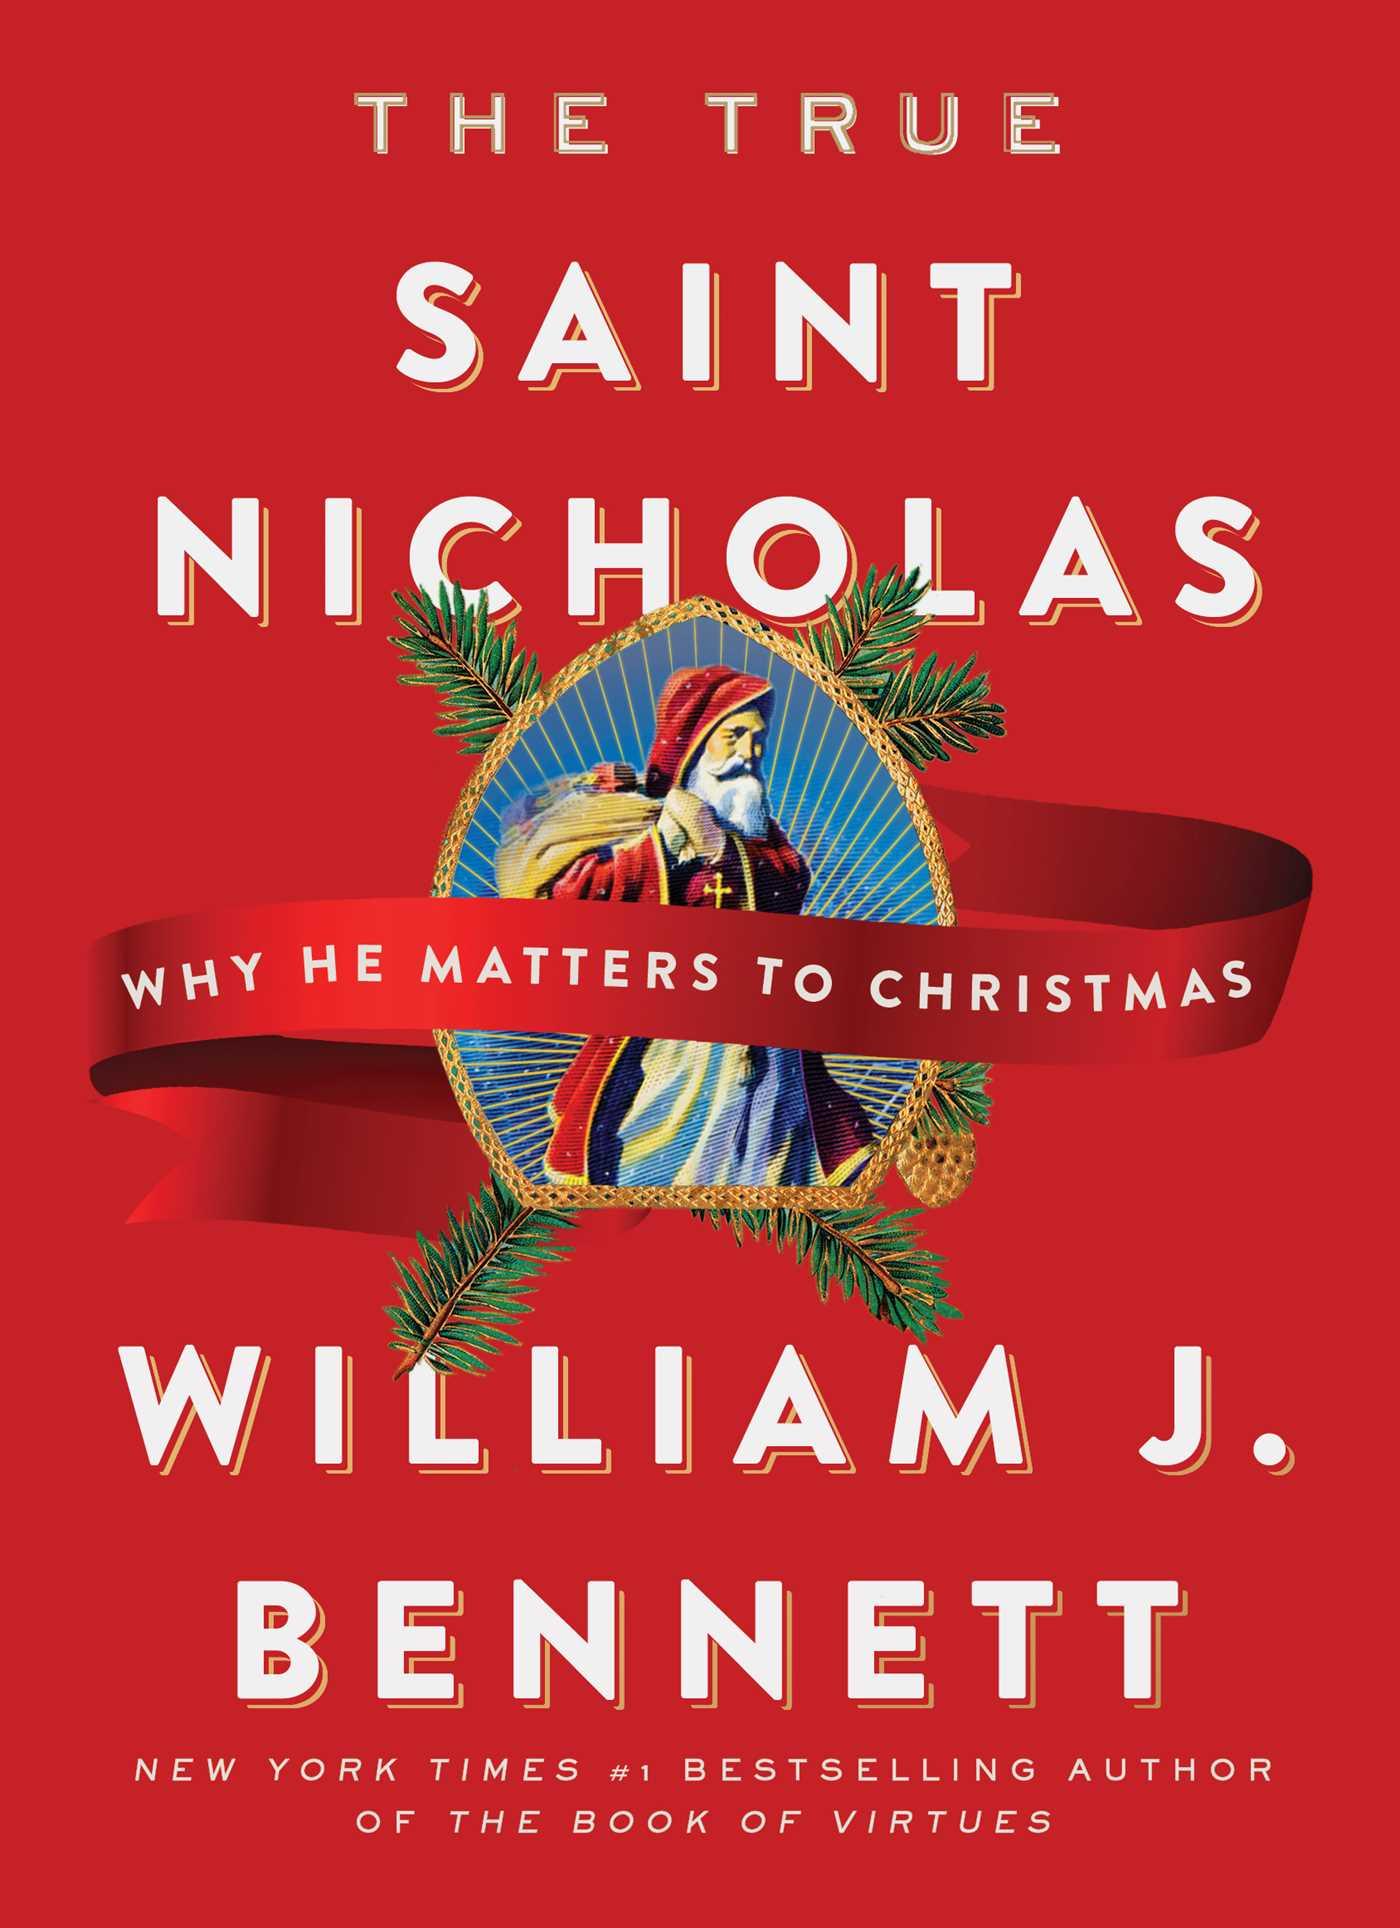 The true saint nicholas 9781439166406 hr